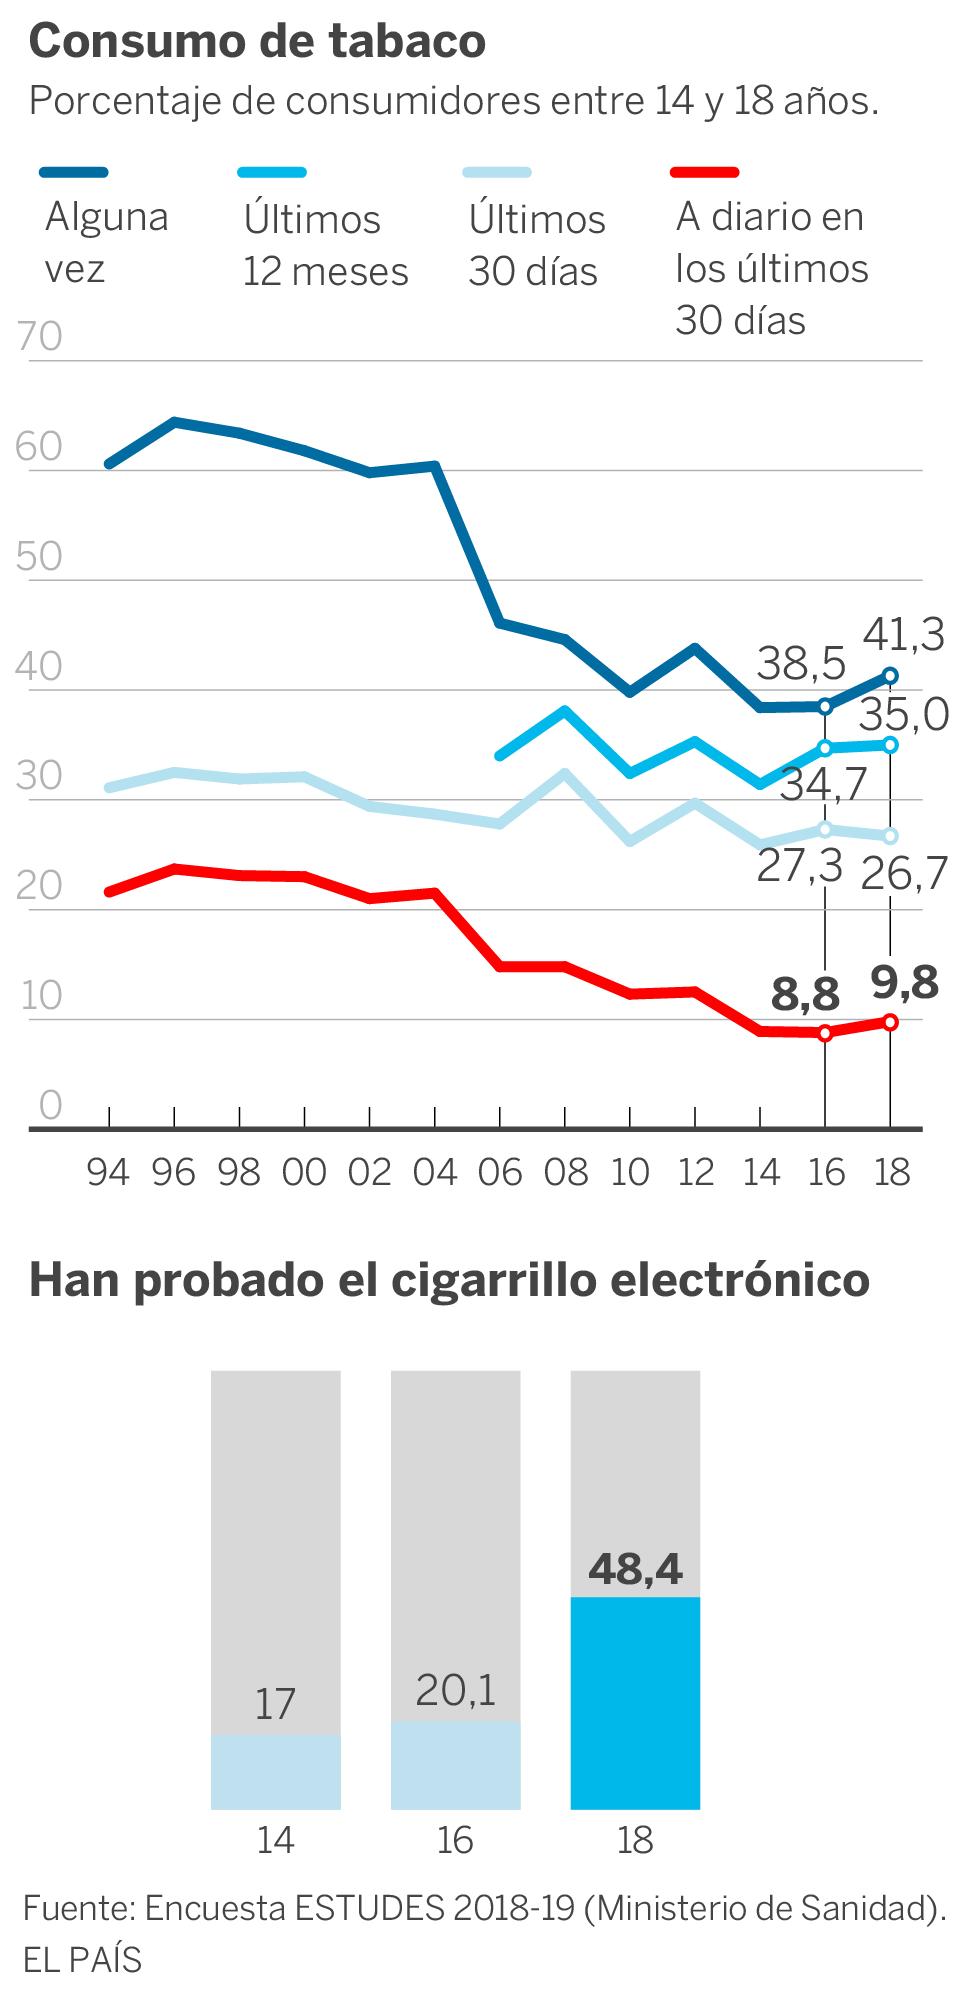 consumo de cigarro en adolescentes